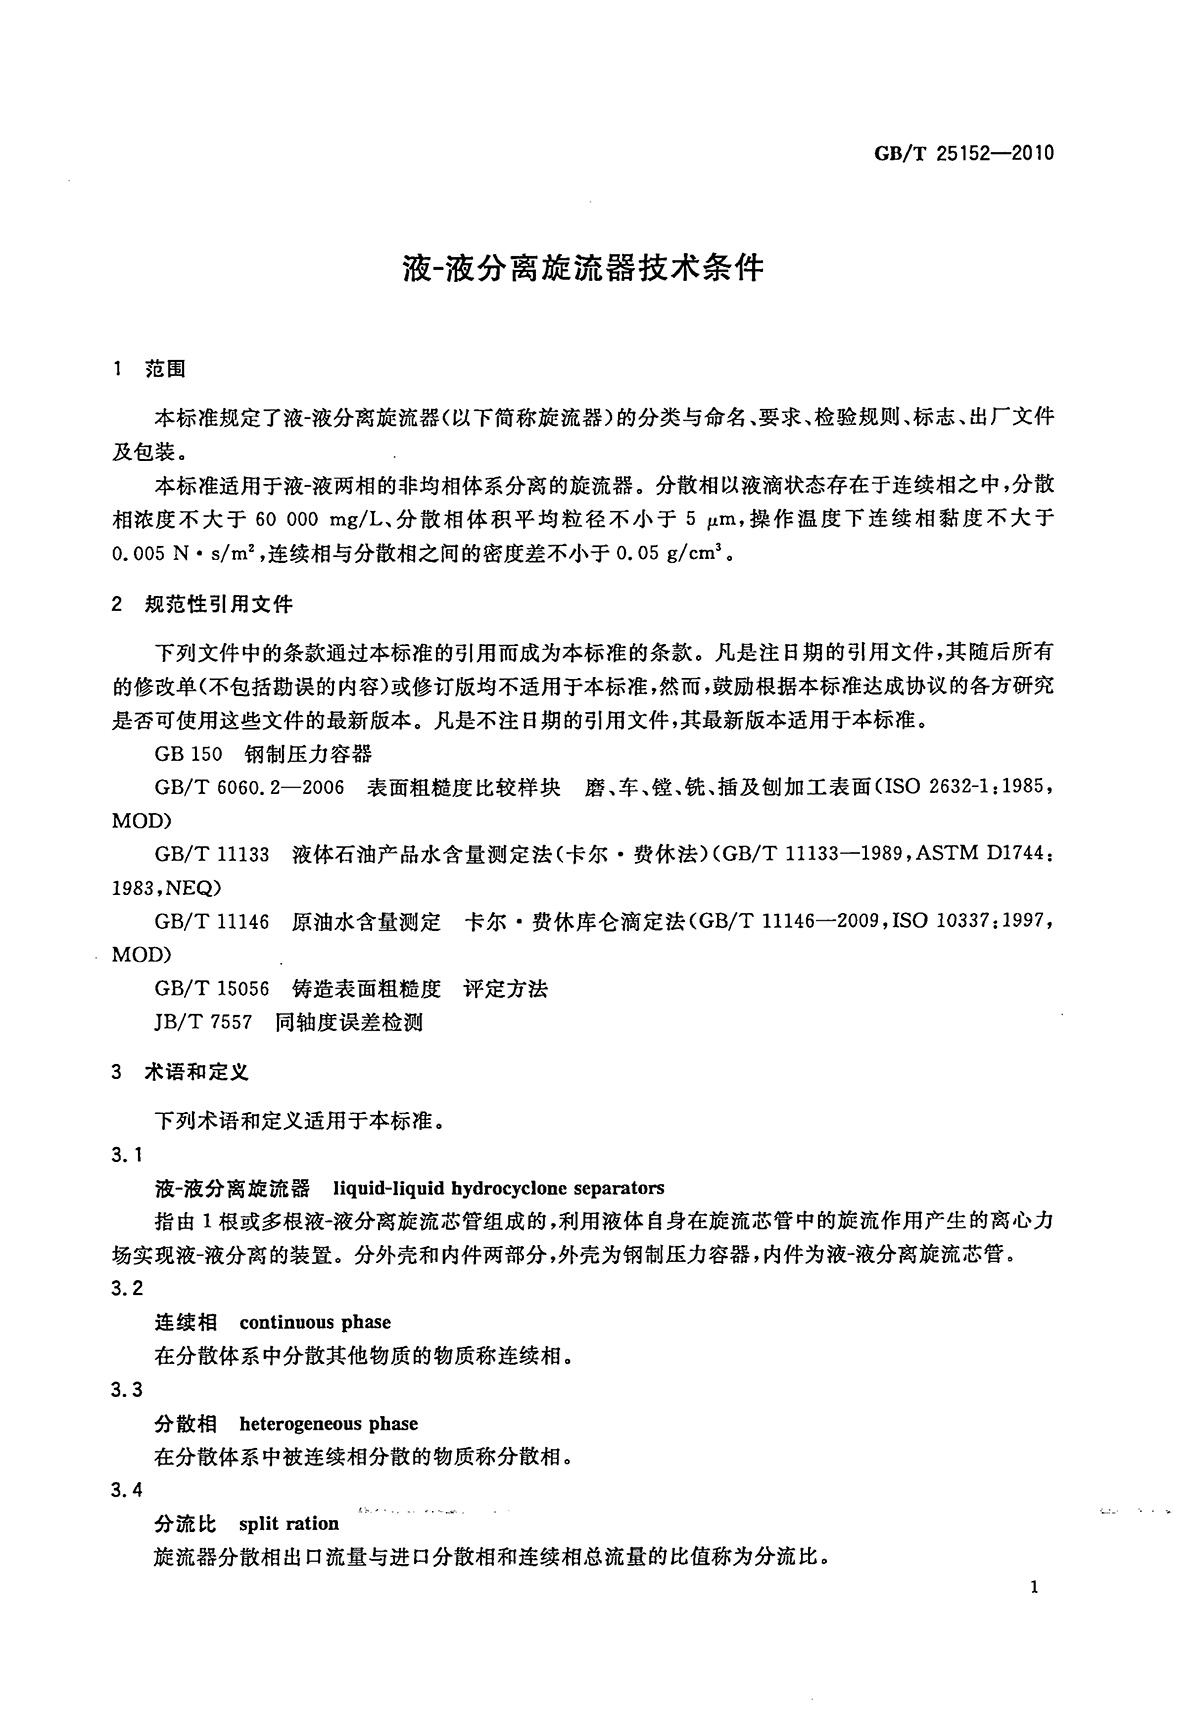 GB_T_25152-2010_液-液分離旋流器技術條件